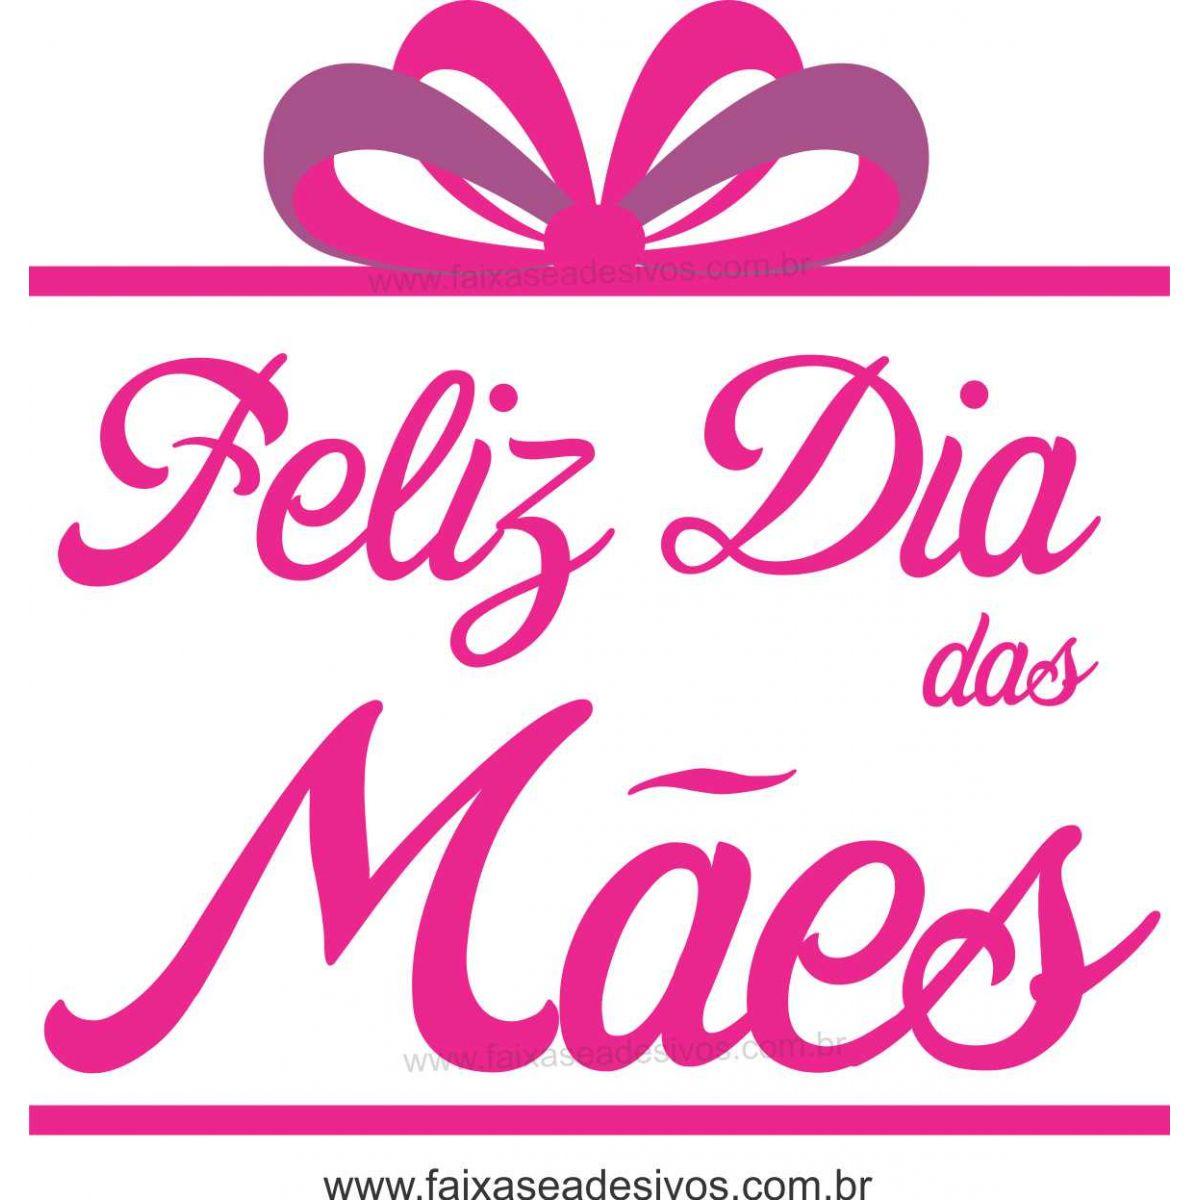 A544M - Adesivo Dia das Mães - Presente de mãe caixa  - FAC Signs Impressão Digital